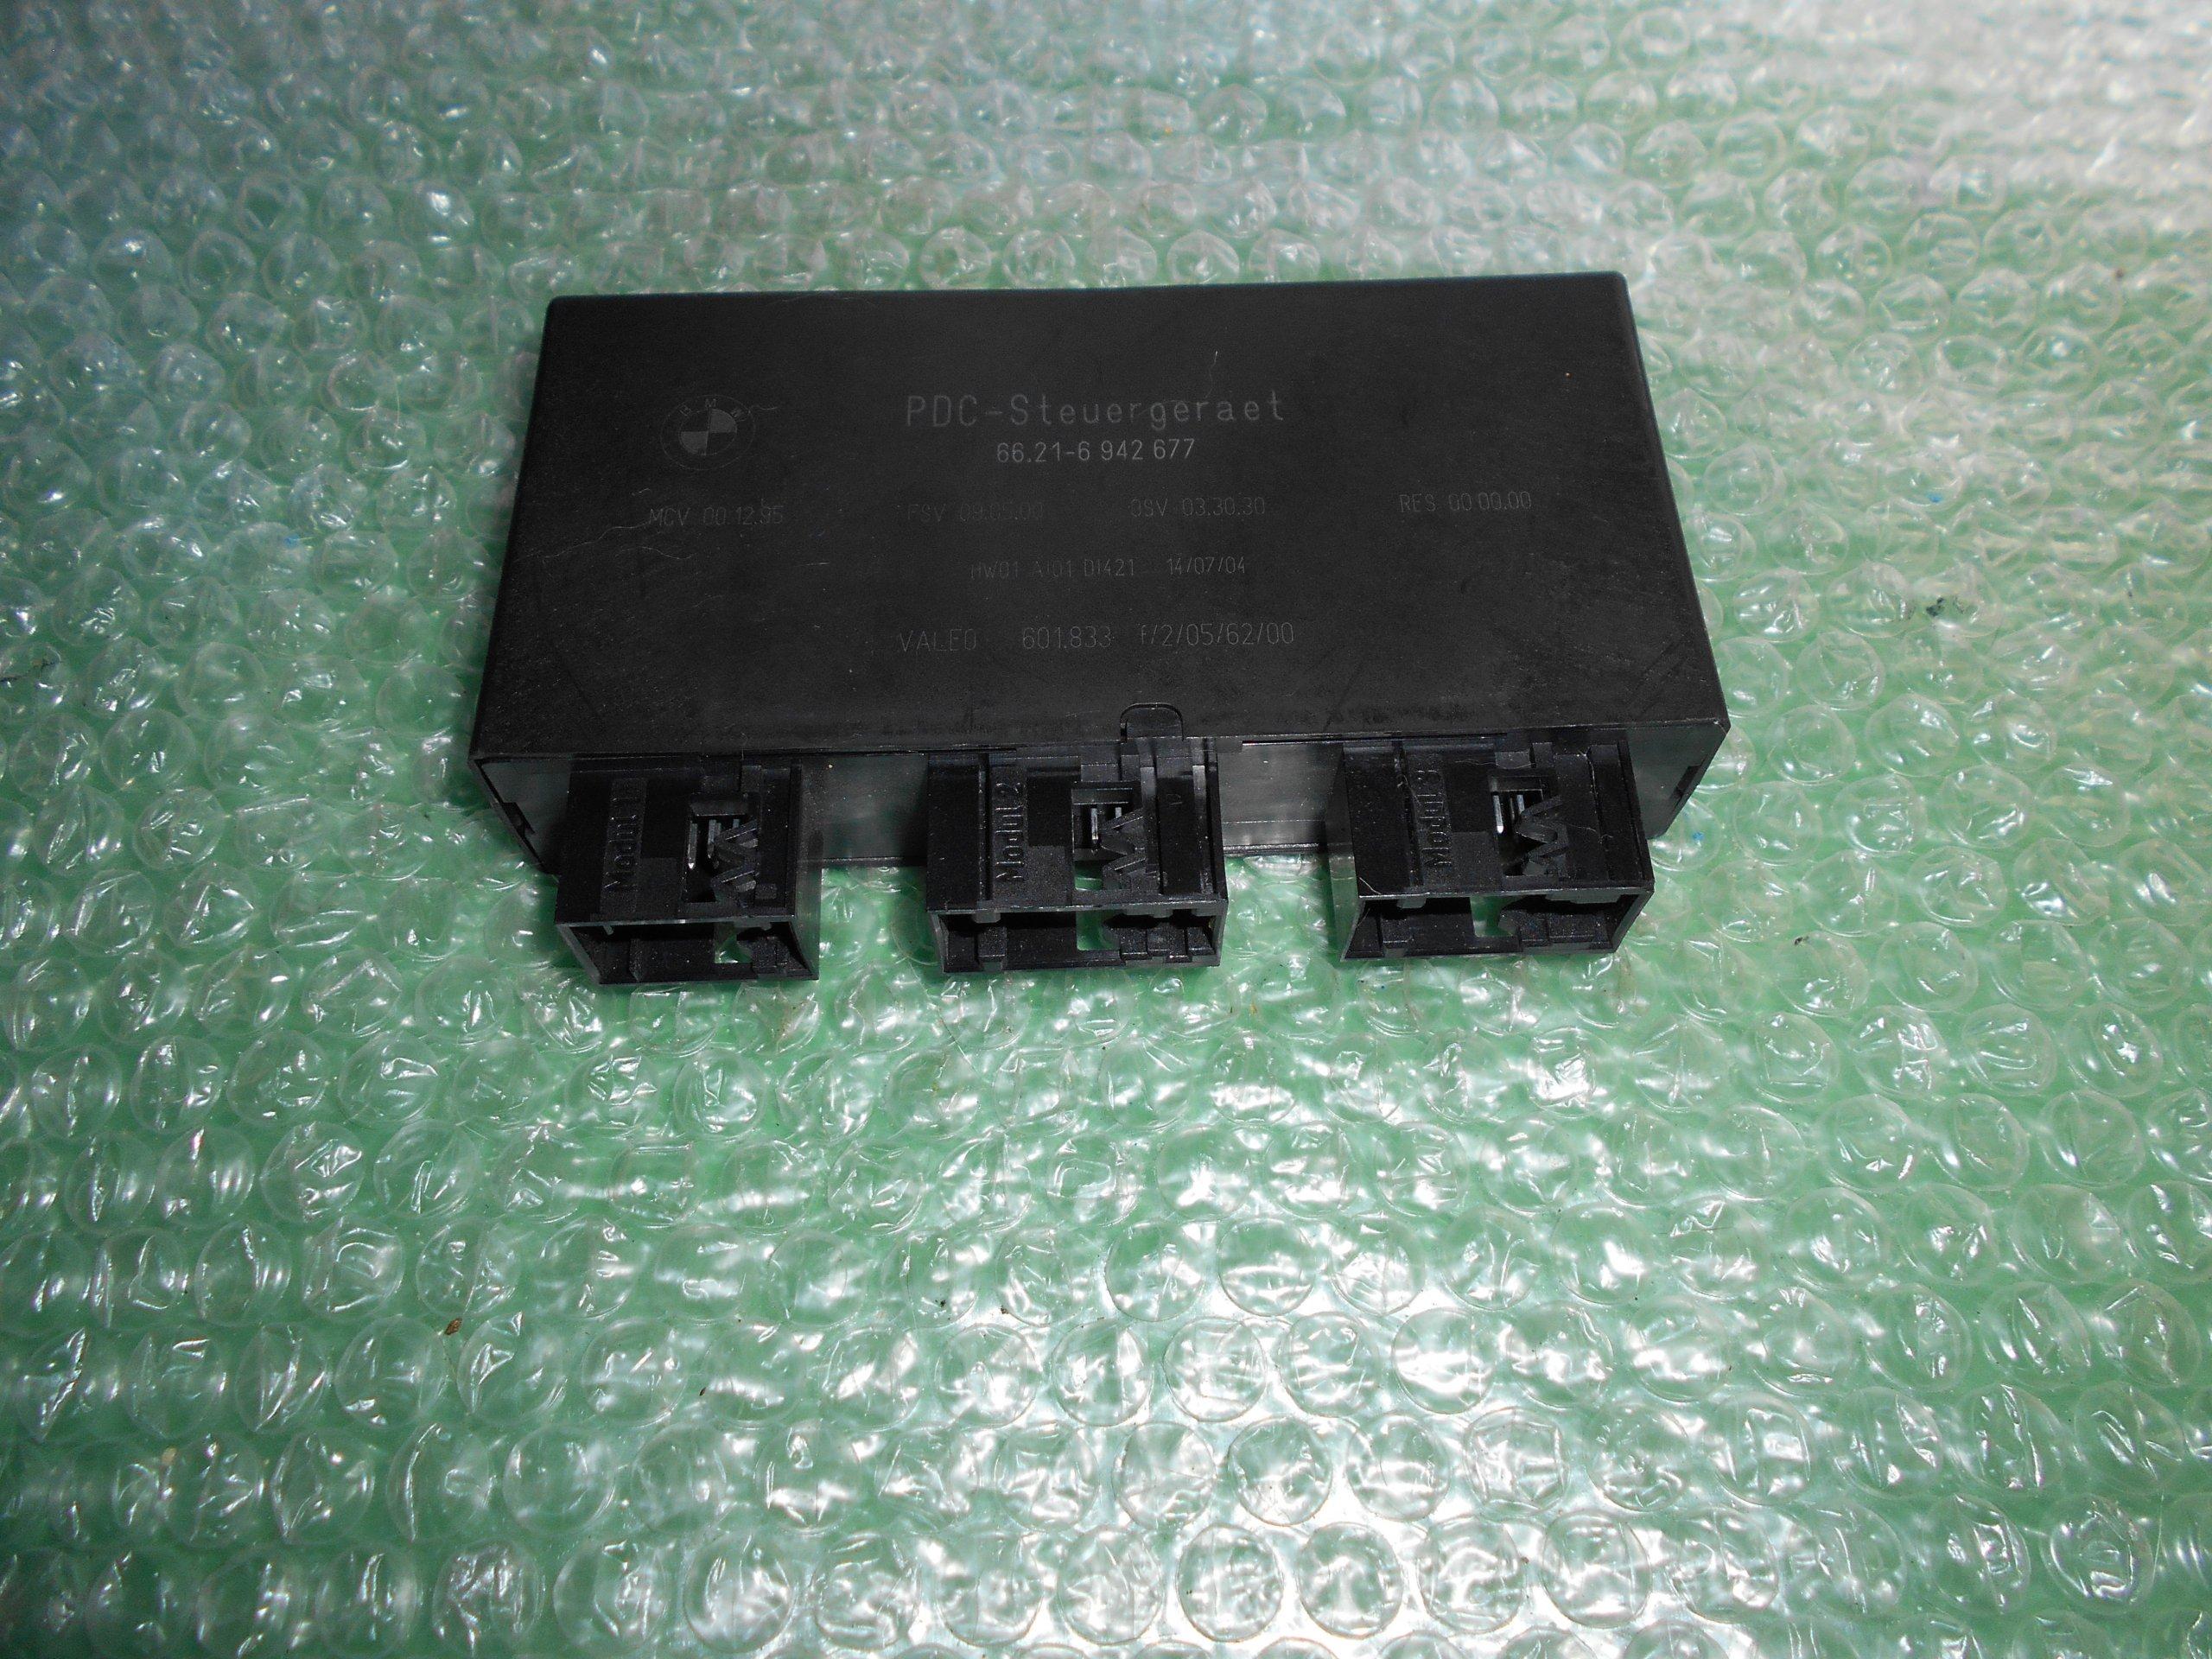 CENTRALITA DE PARKING PDC 66.21-6942677 BMW SERIE 5 (E60-E61)(2003-2010)